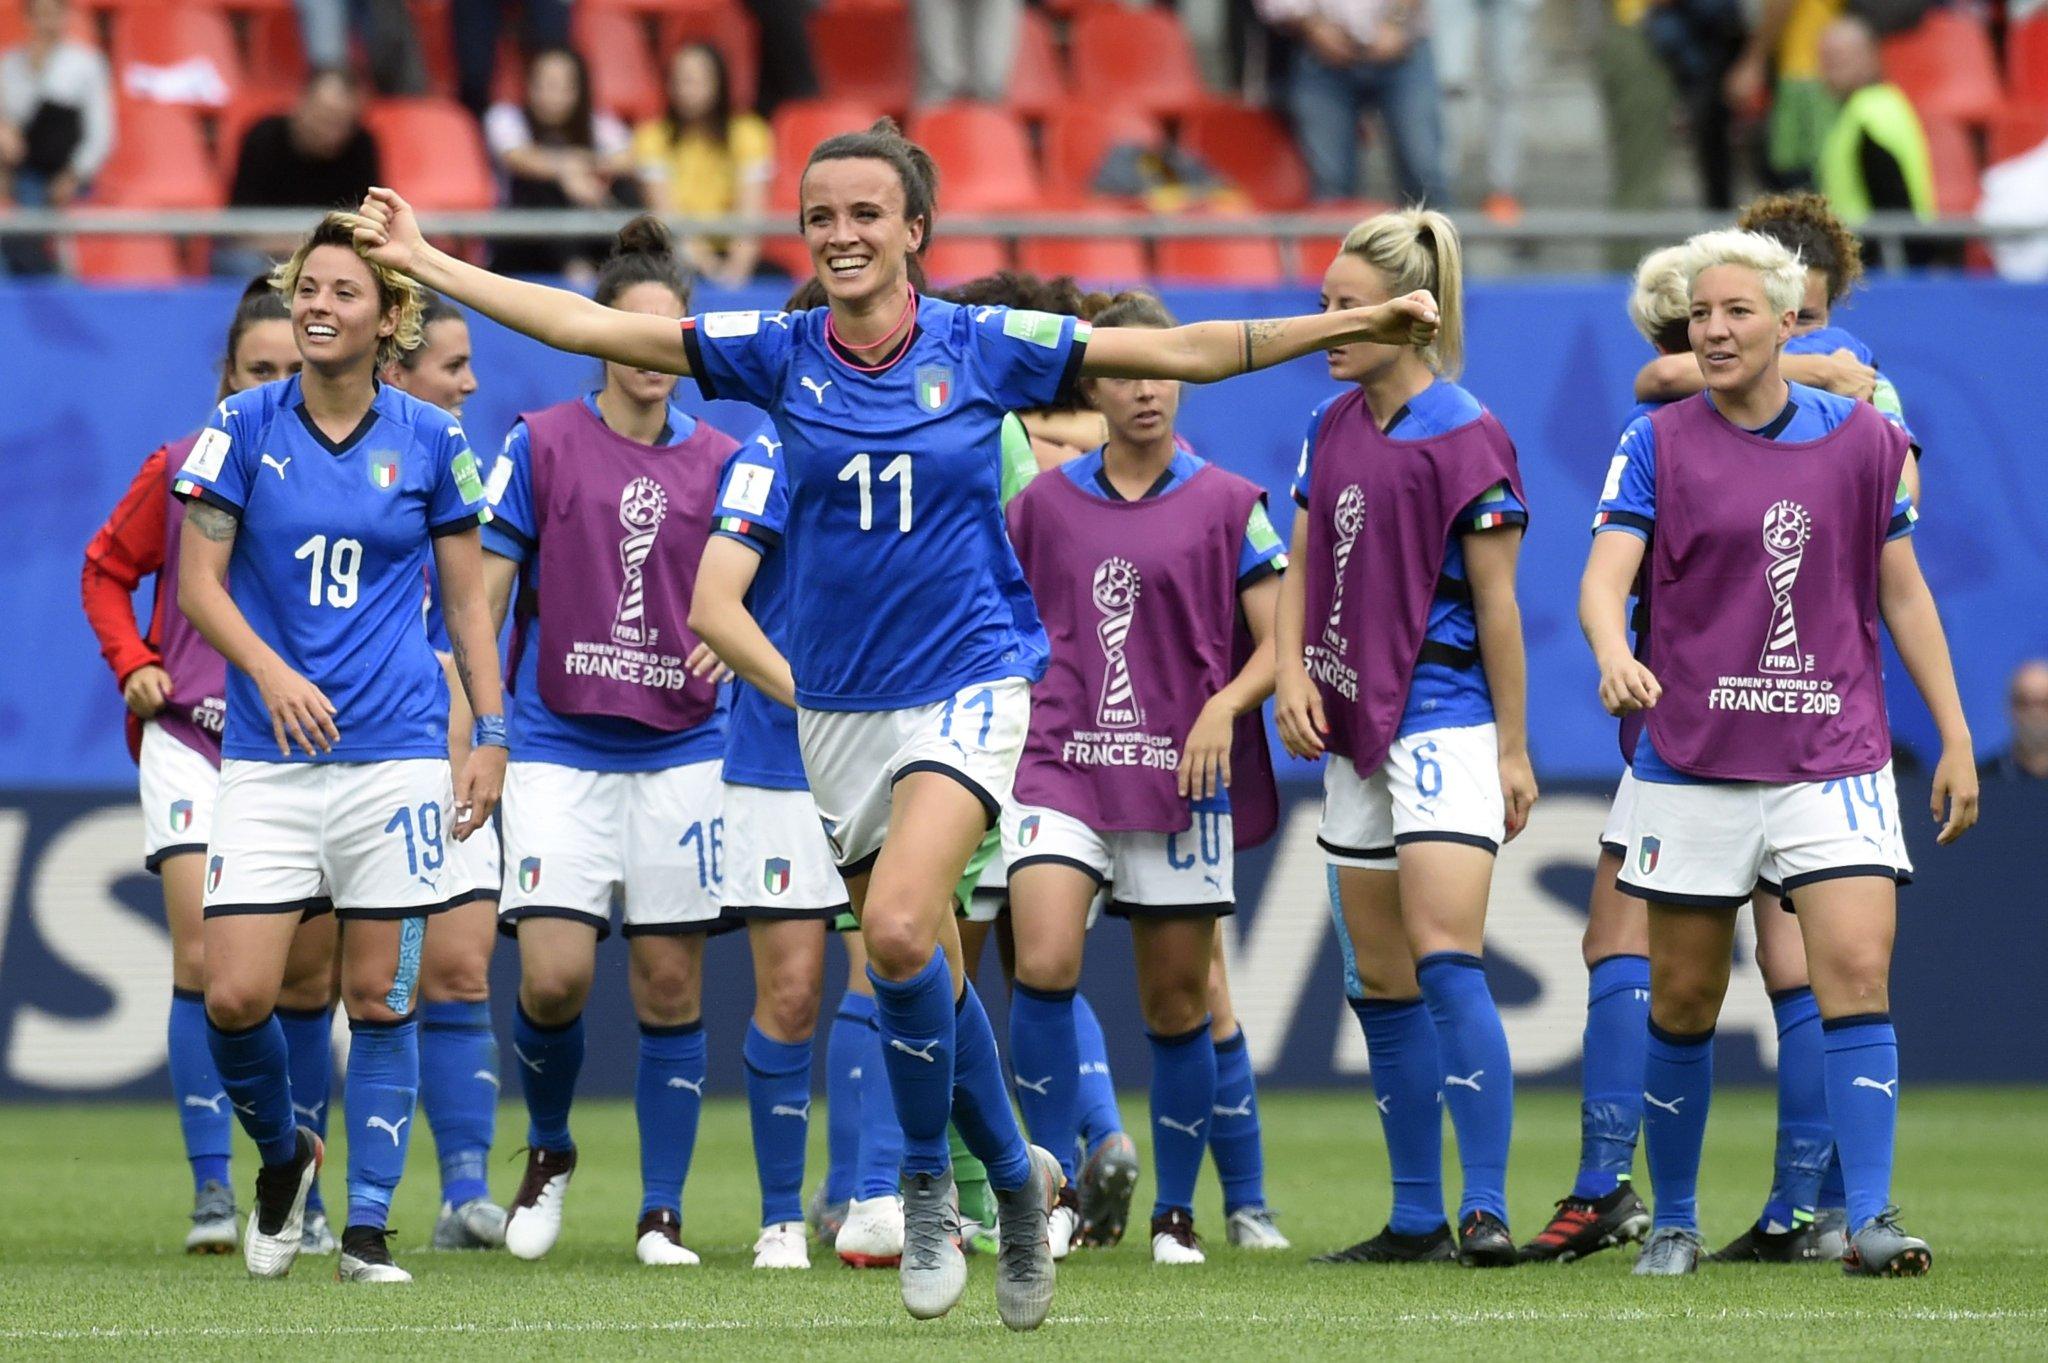 Mondiali di Calcio Femminile, Giamaica vs Italia | Diretta Rai 2 e Sky Sport